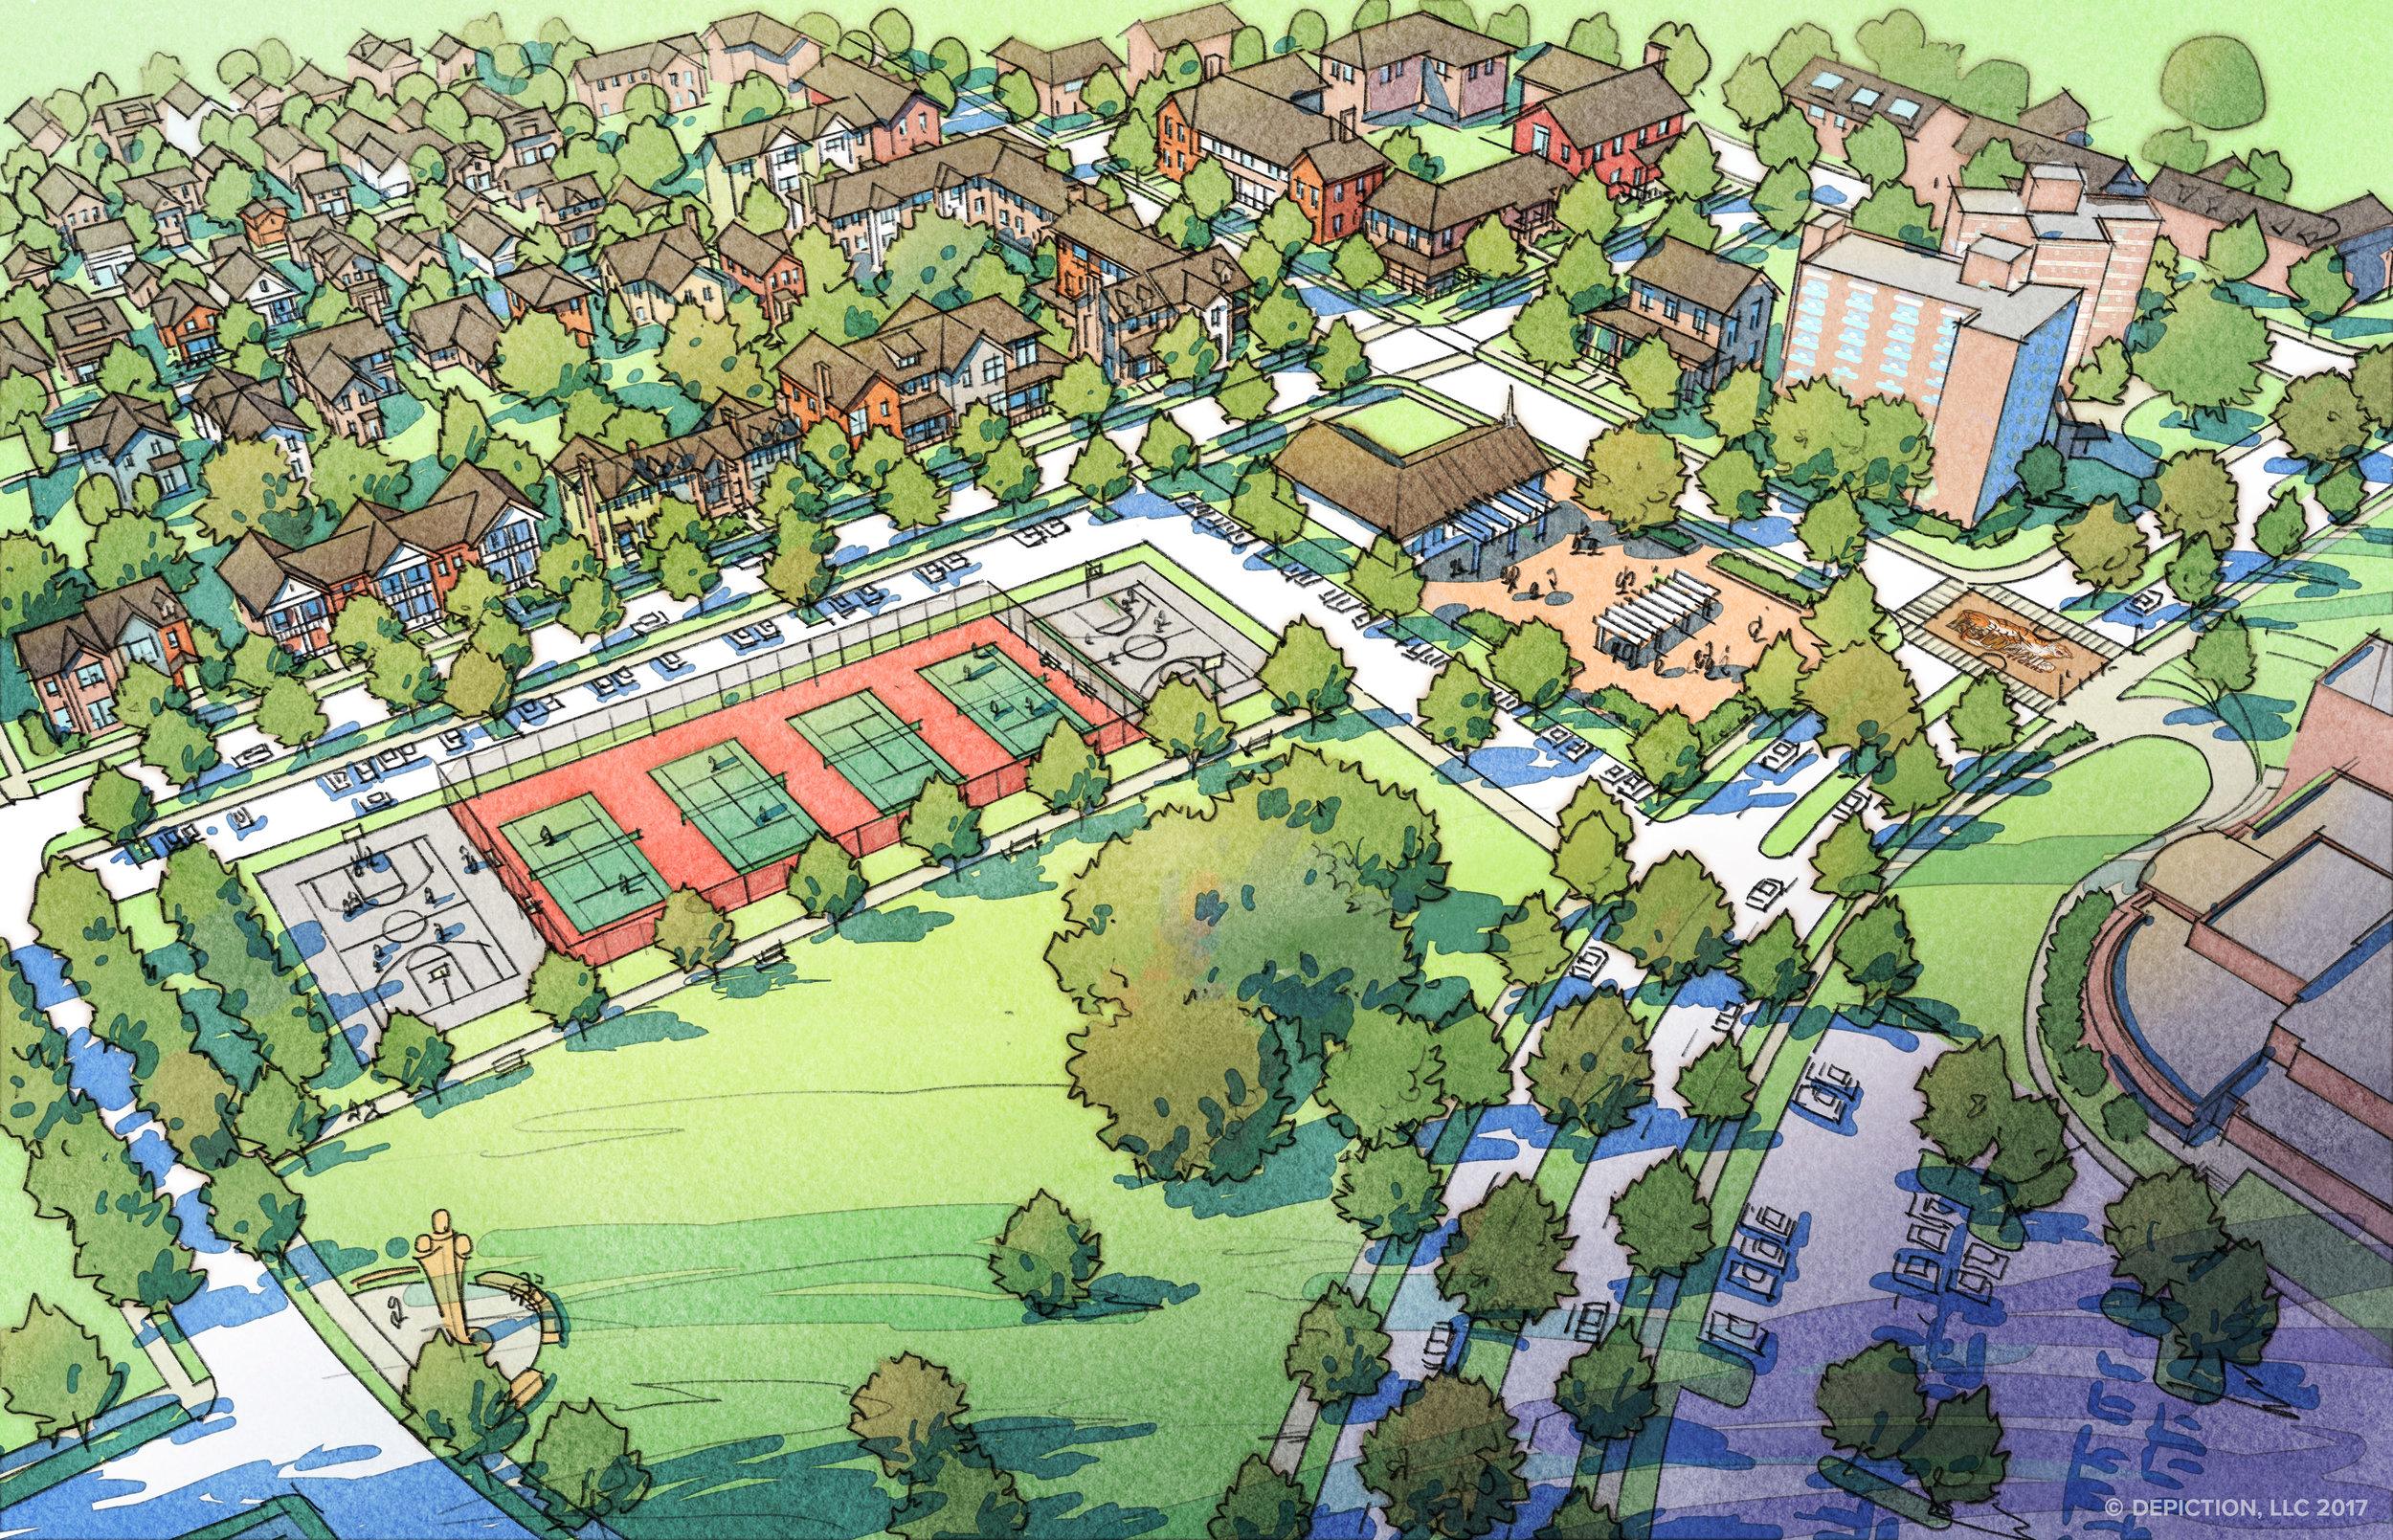 17008-CommonGround_Chattanooga_AerialPark01_dc.jpg